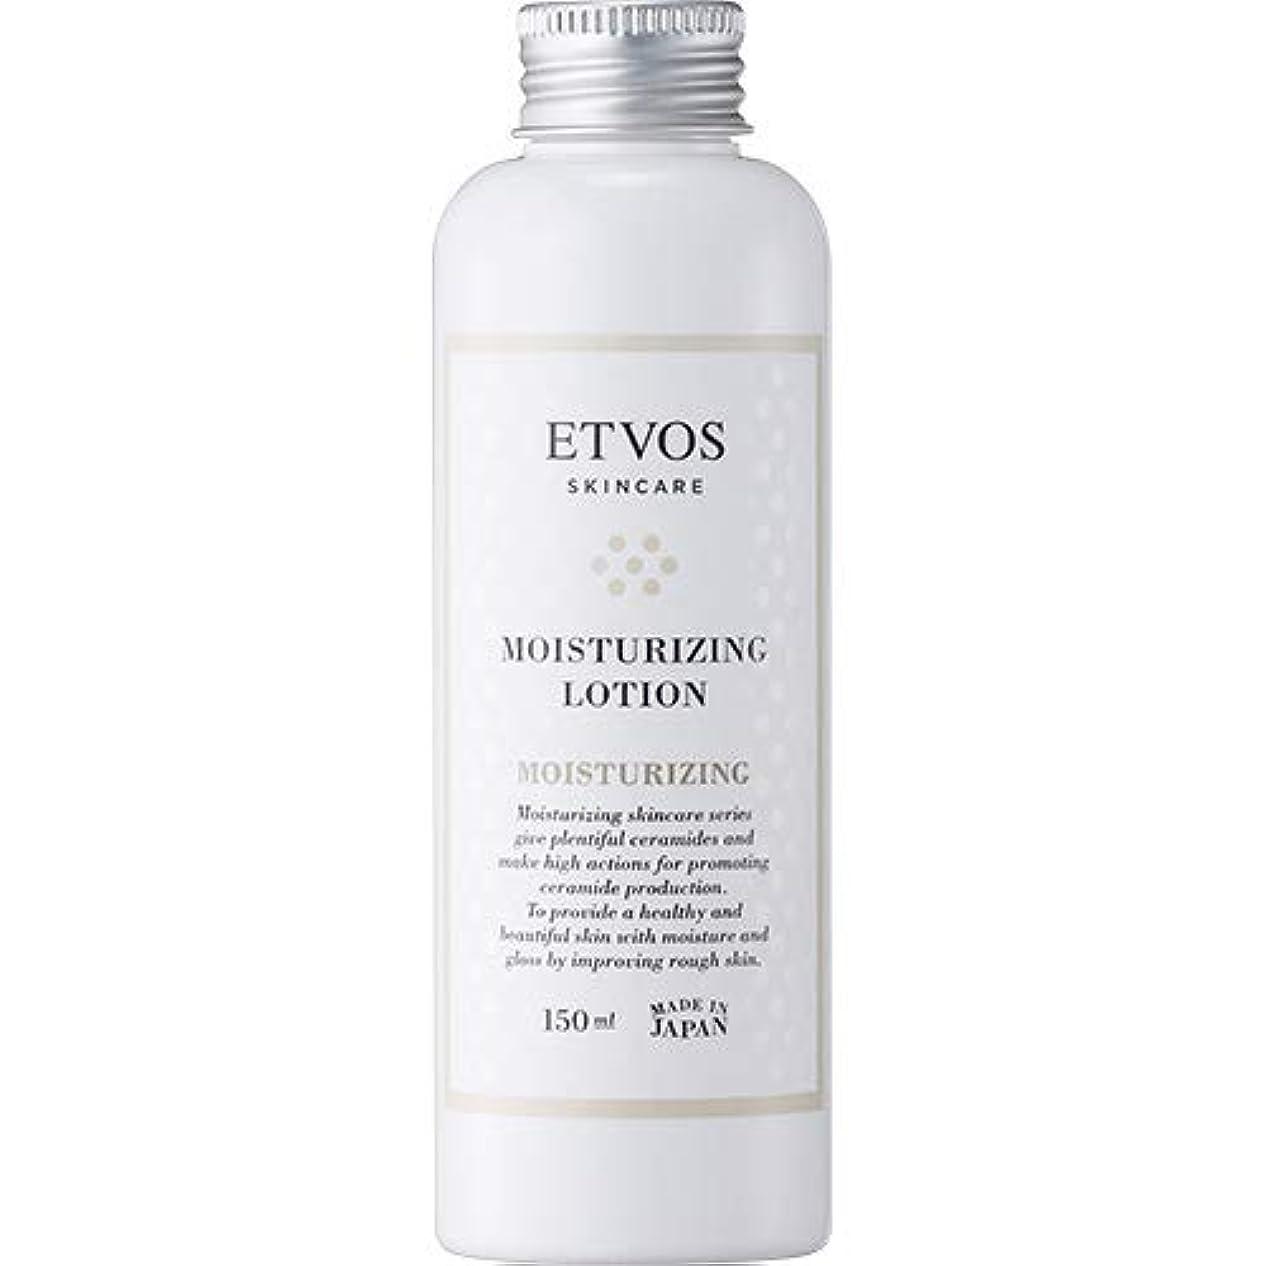 リズムレバー無許可ETVOS(エトヴォス) 保湿化粧水 モイスチャライジングローション 150ml セラミド 乾燥肌 パラベンフリー